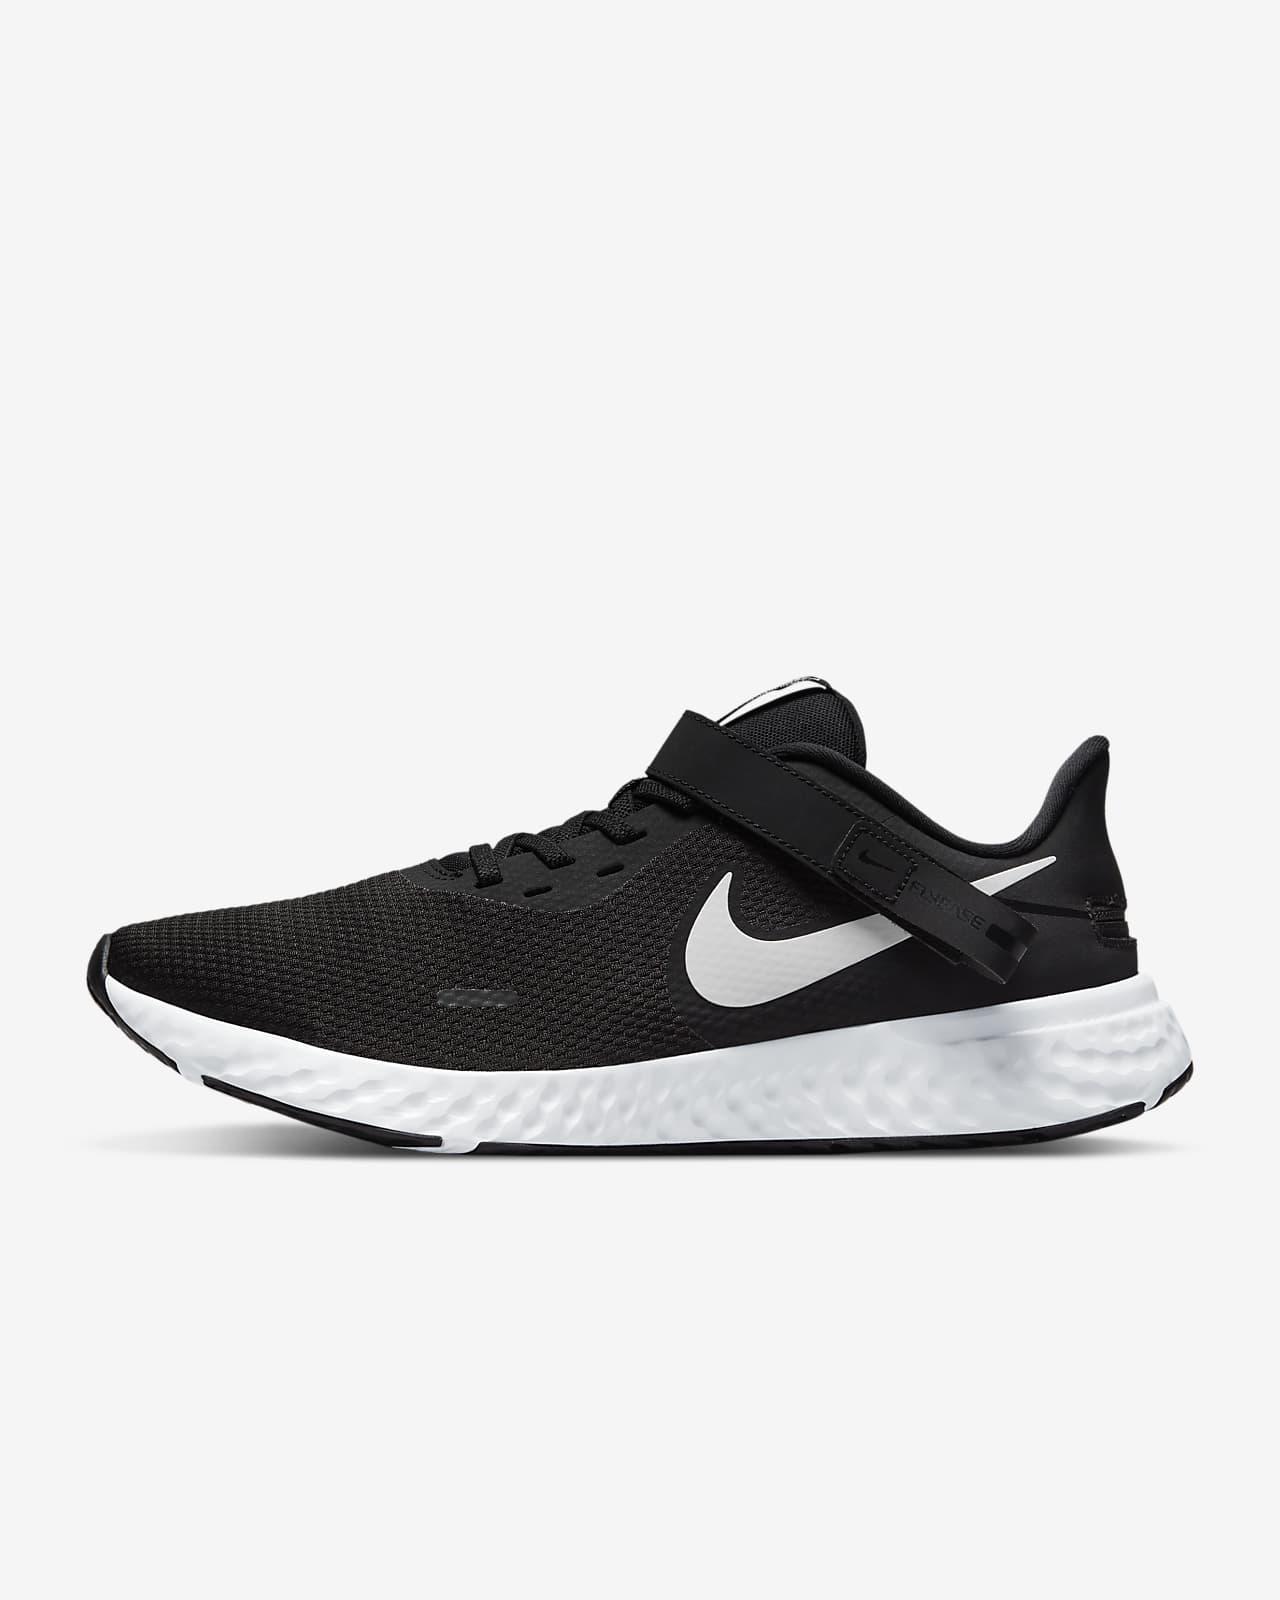 รองเท้าวิ่งผู้ชาย Nike Revolution 5 FlyEase